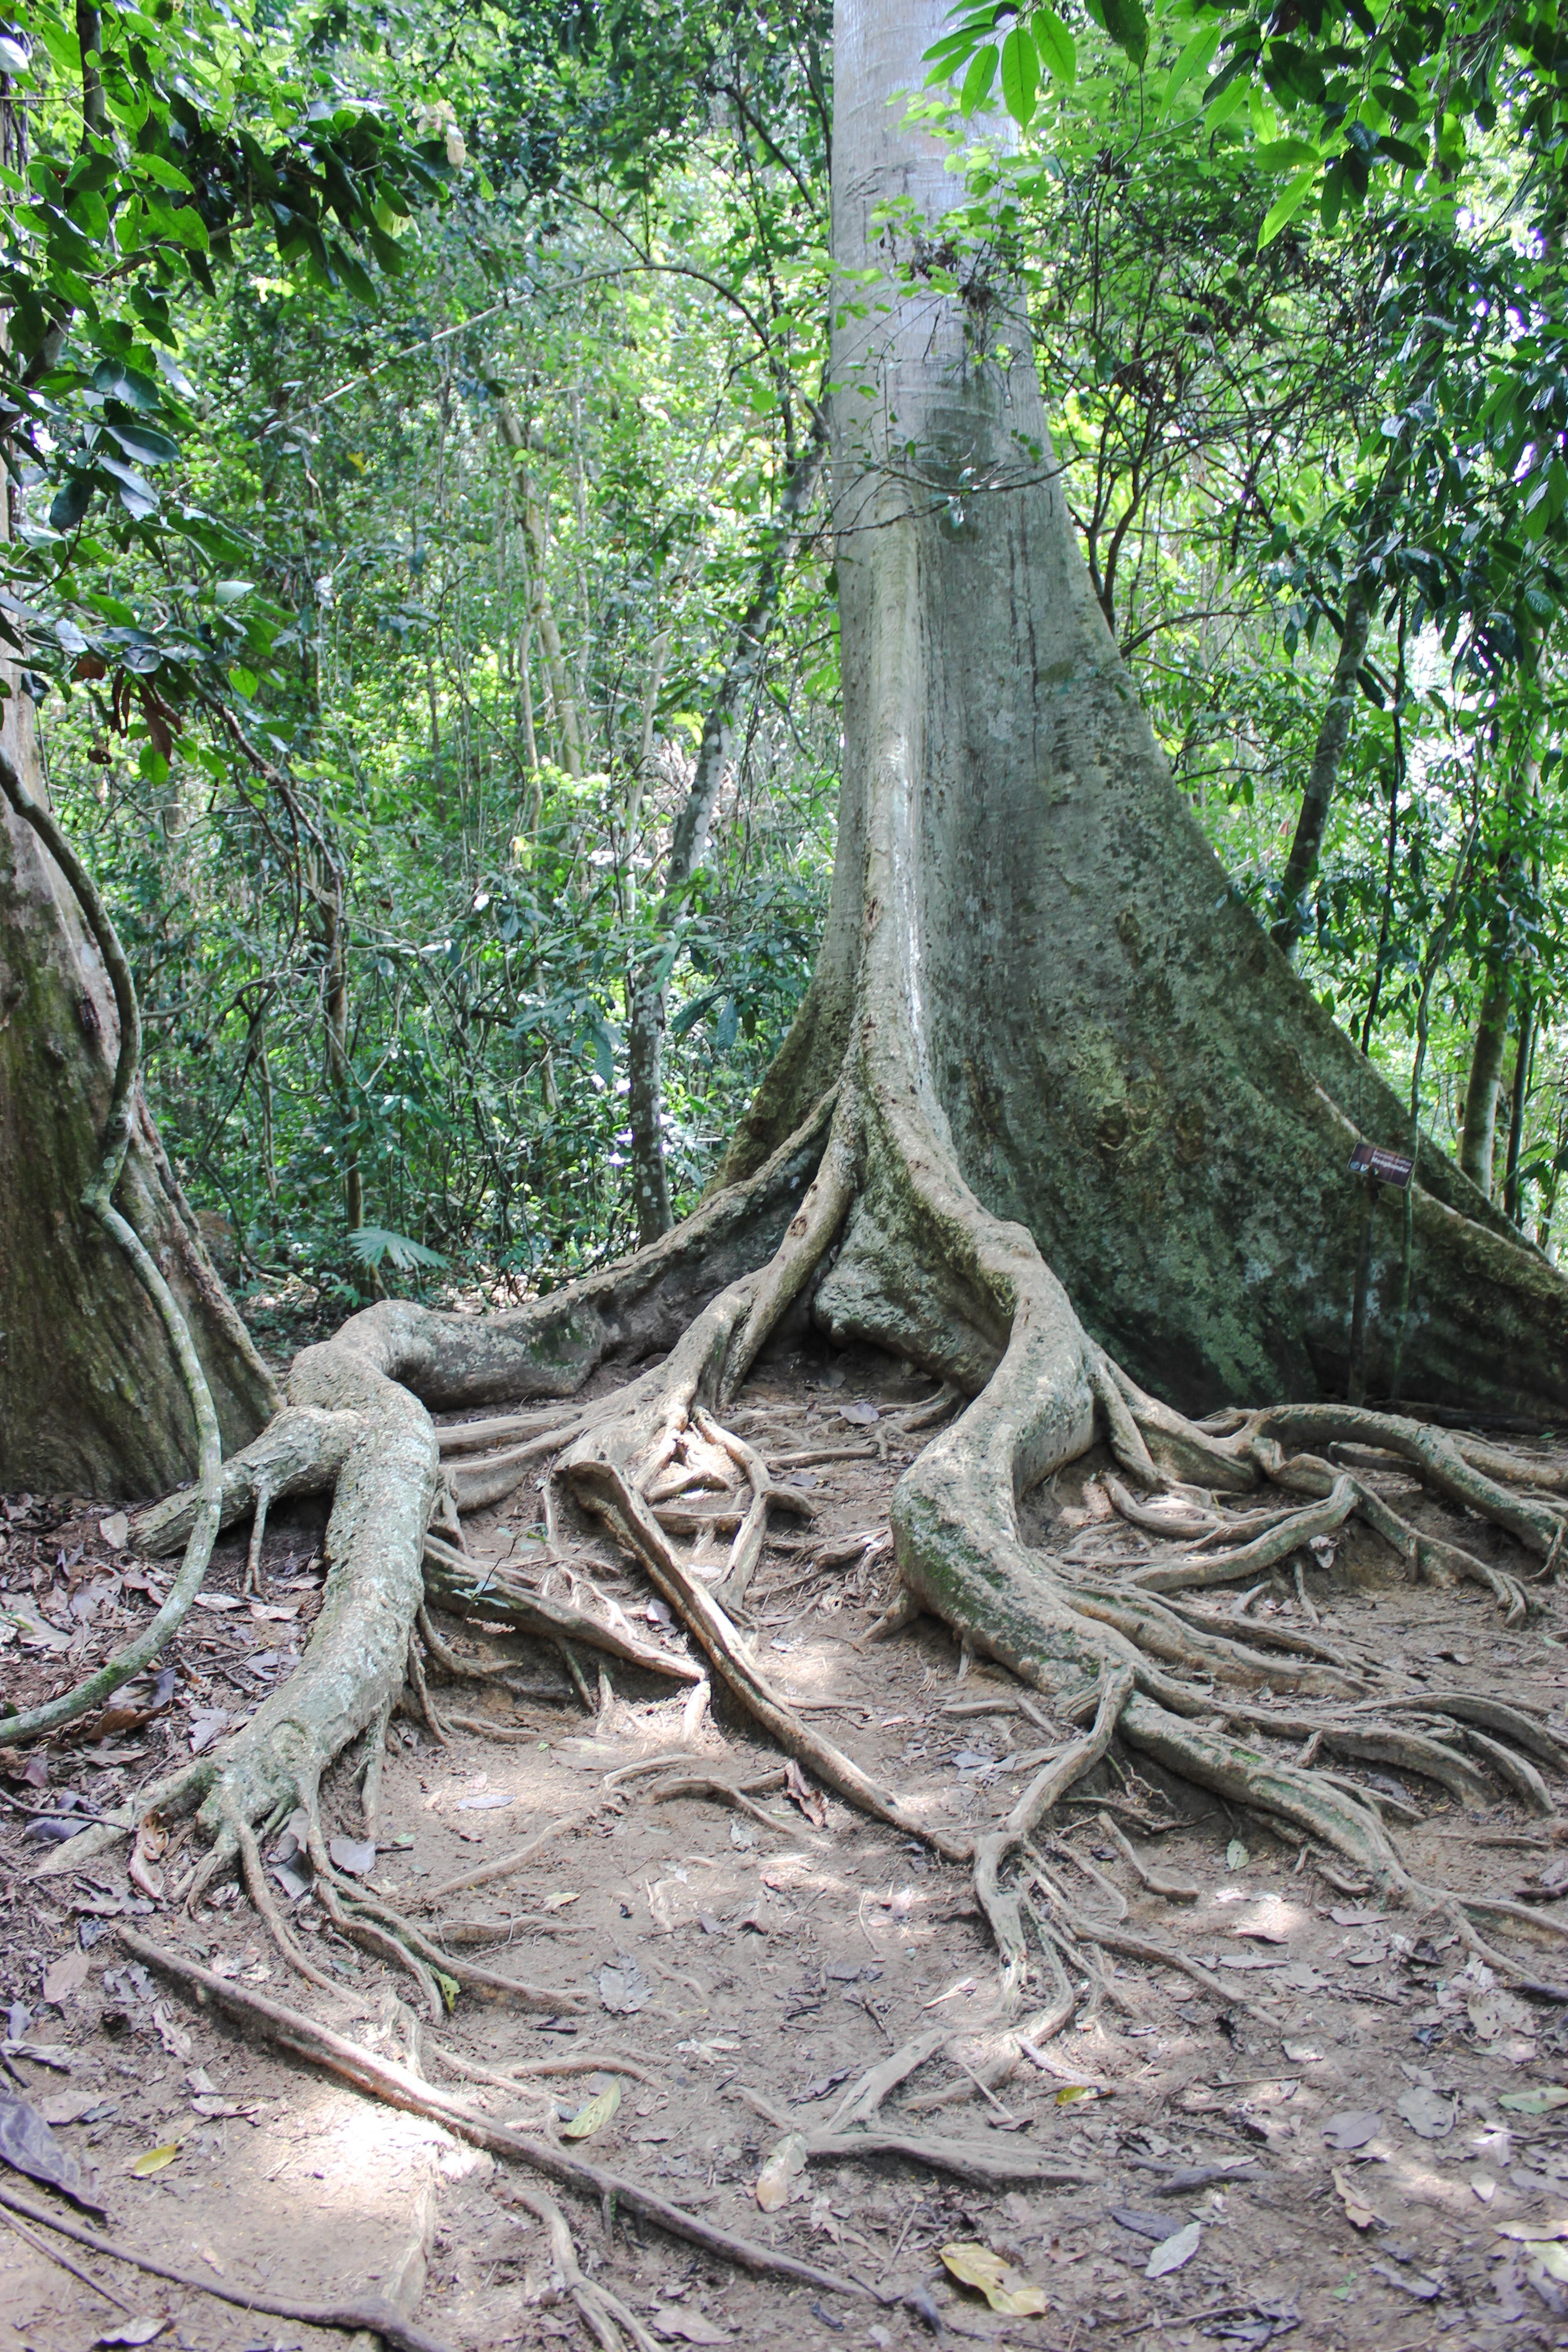 Image d'un arbre dans la jungle du taman negara